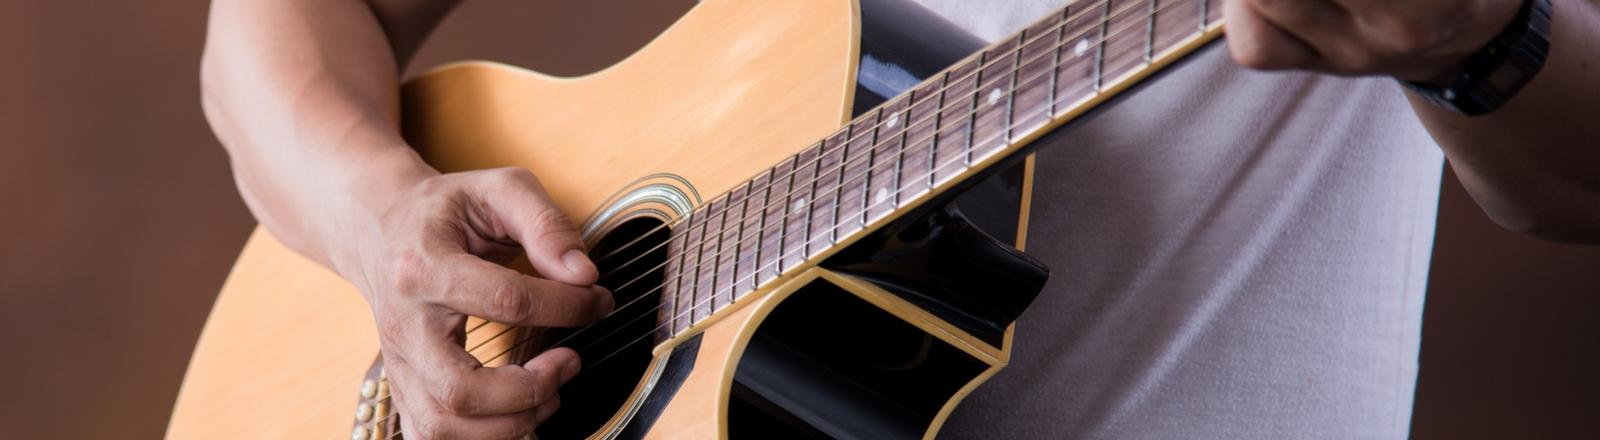 Cour de Guitare lausanne